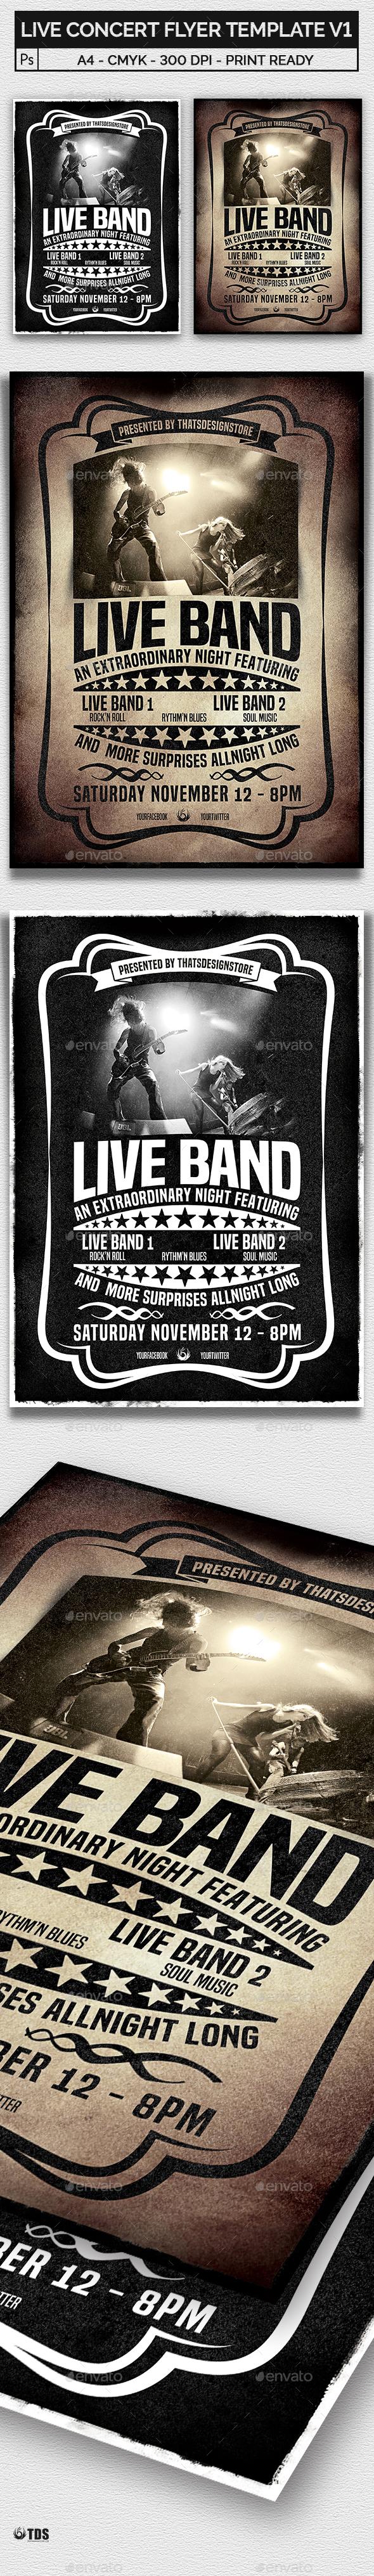 Live Concert Flyer Template V1 - Concerts Events